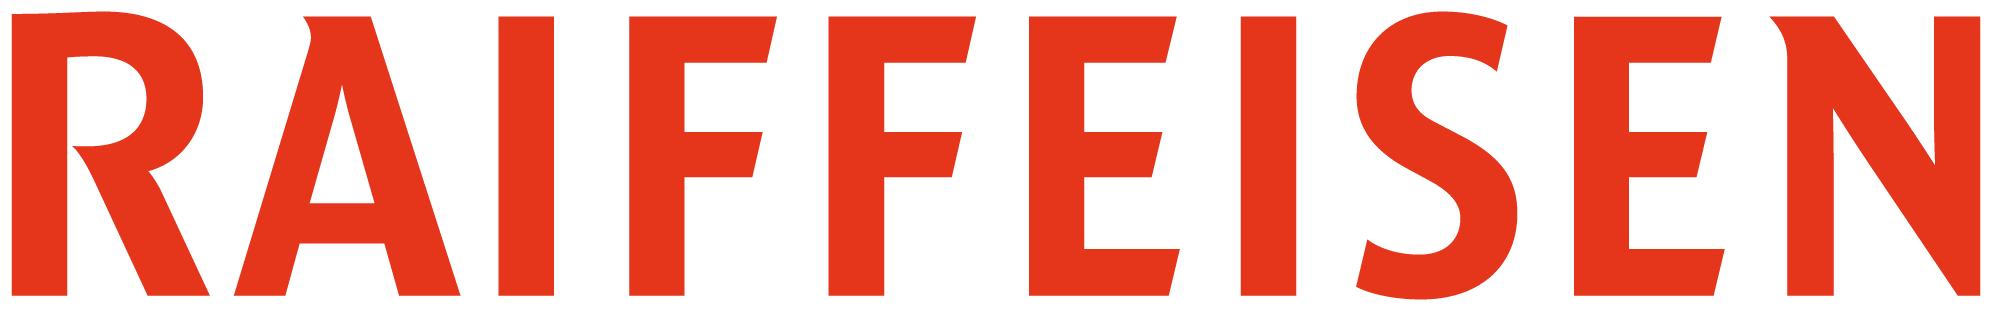 Raiffeisenlogo